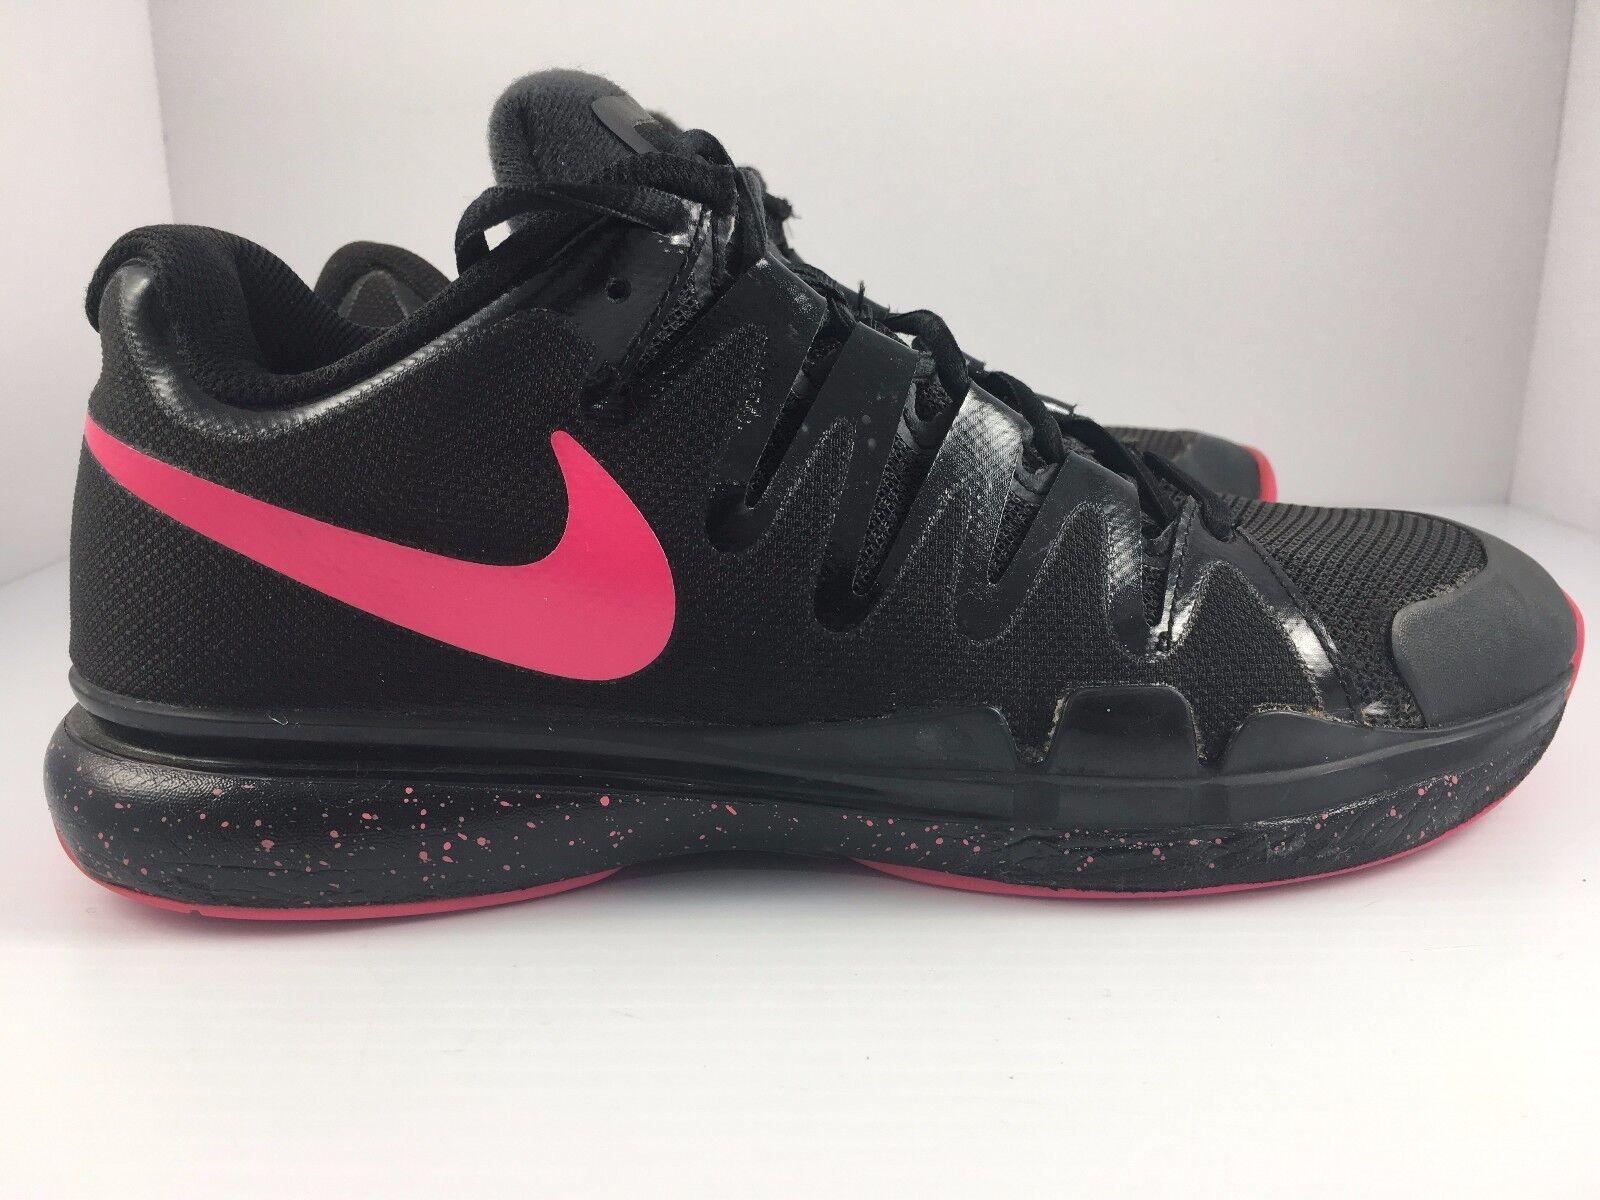 194b945241a5a Nike Zoom Vapor 9.5 Tour Black Hyper Black Hyper Black Hyper Pink Tennis   631475-060  Women s Size 8.5 7ae3c5